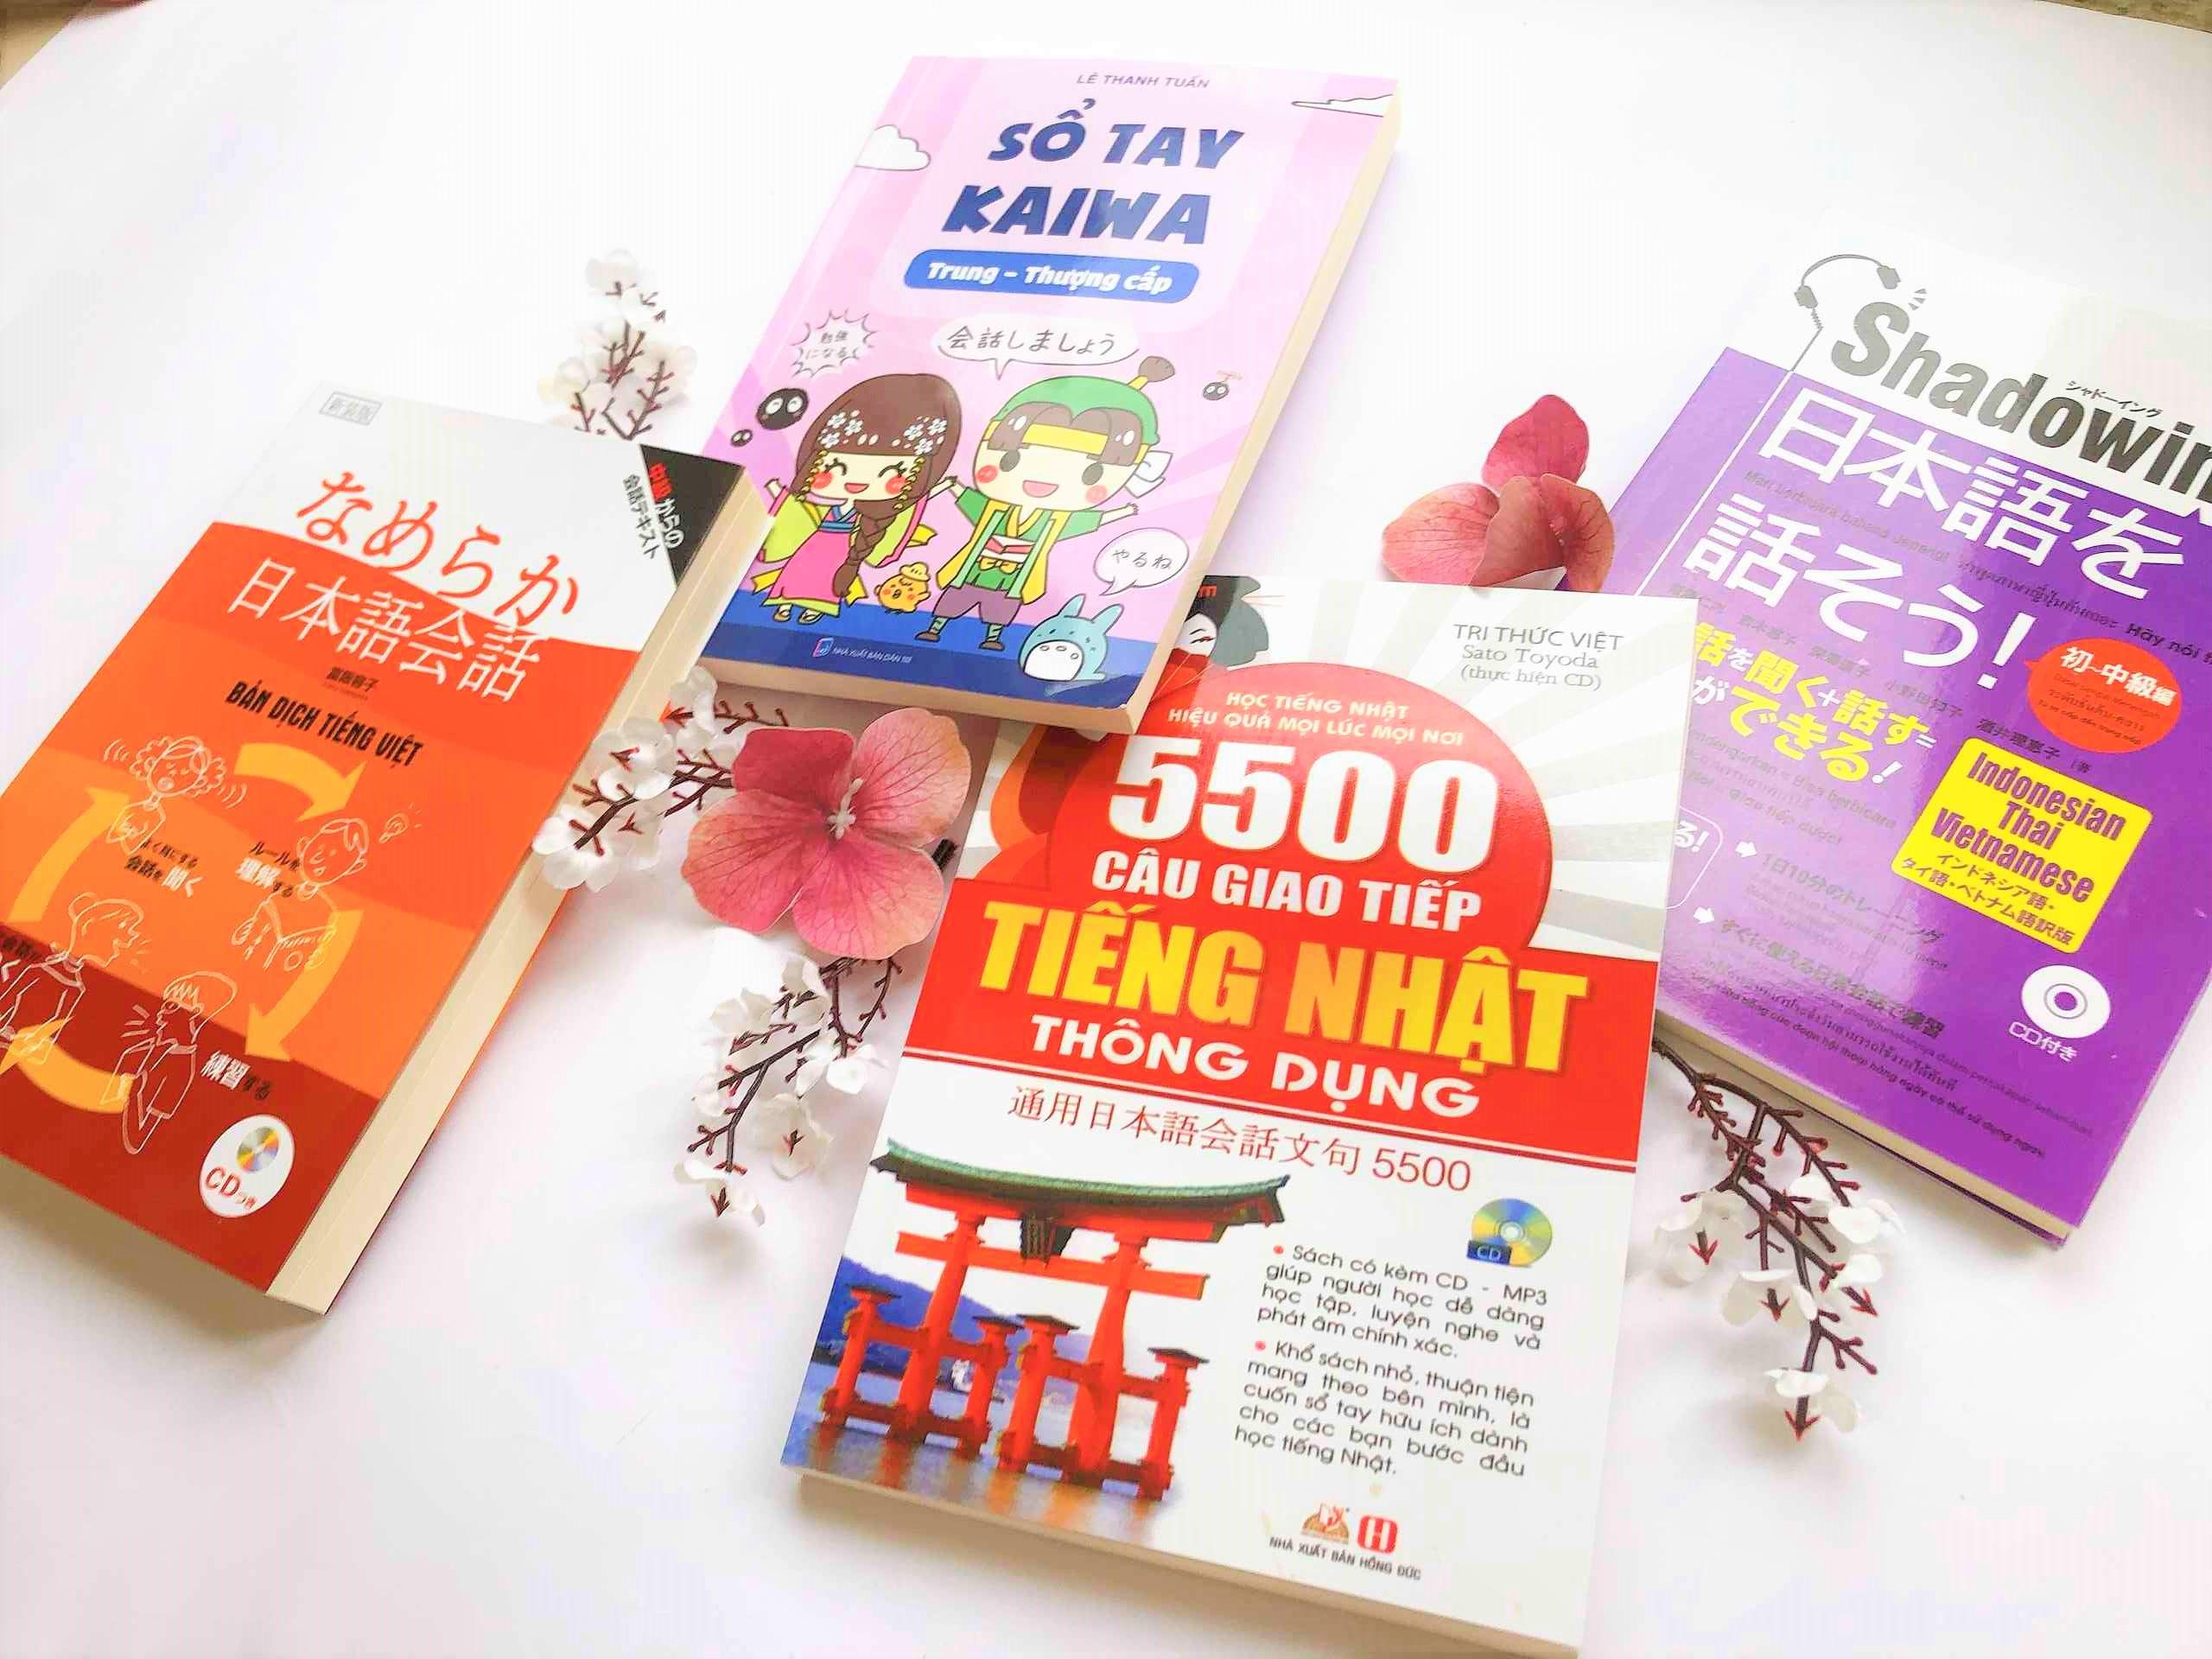 Combo Kaiwa Thực chiến Sổ tay Kaiwa trung thượng cấp + Namekara Nihongo Kaiwa + Shadowing tiếng Nhật sơ trung cấp + 5500 câu giao tiếp tiếng Nhật thông dụng (1)